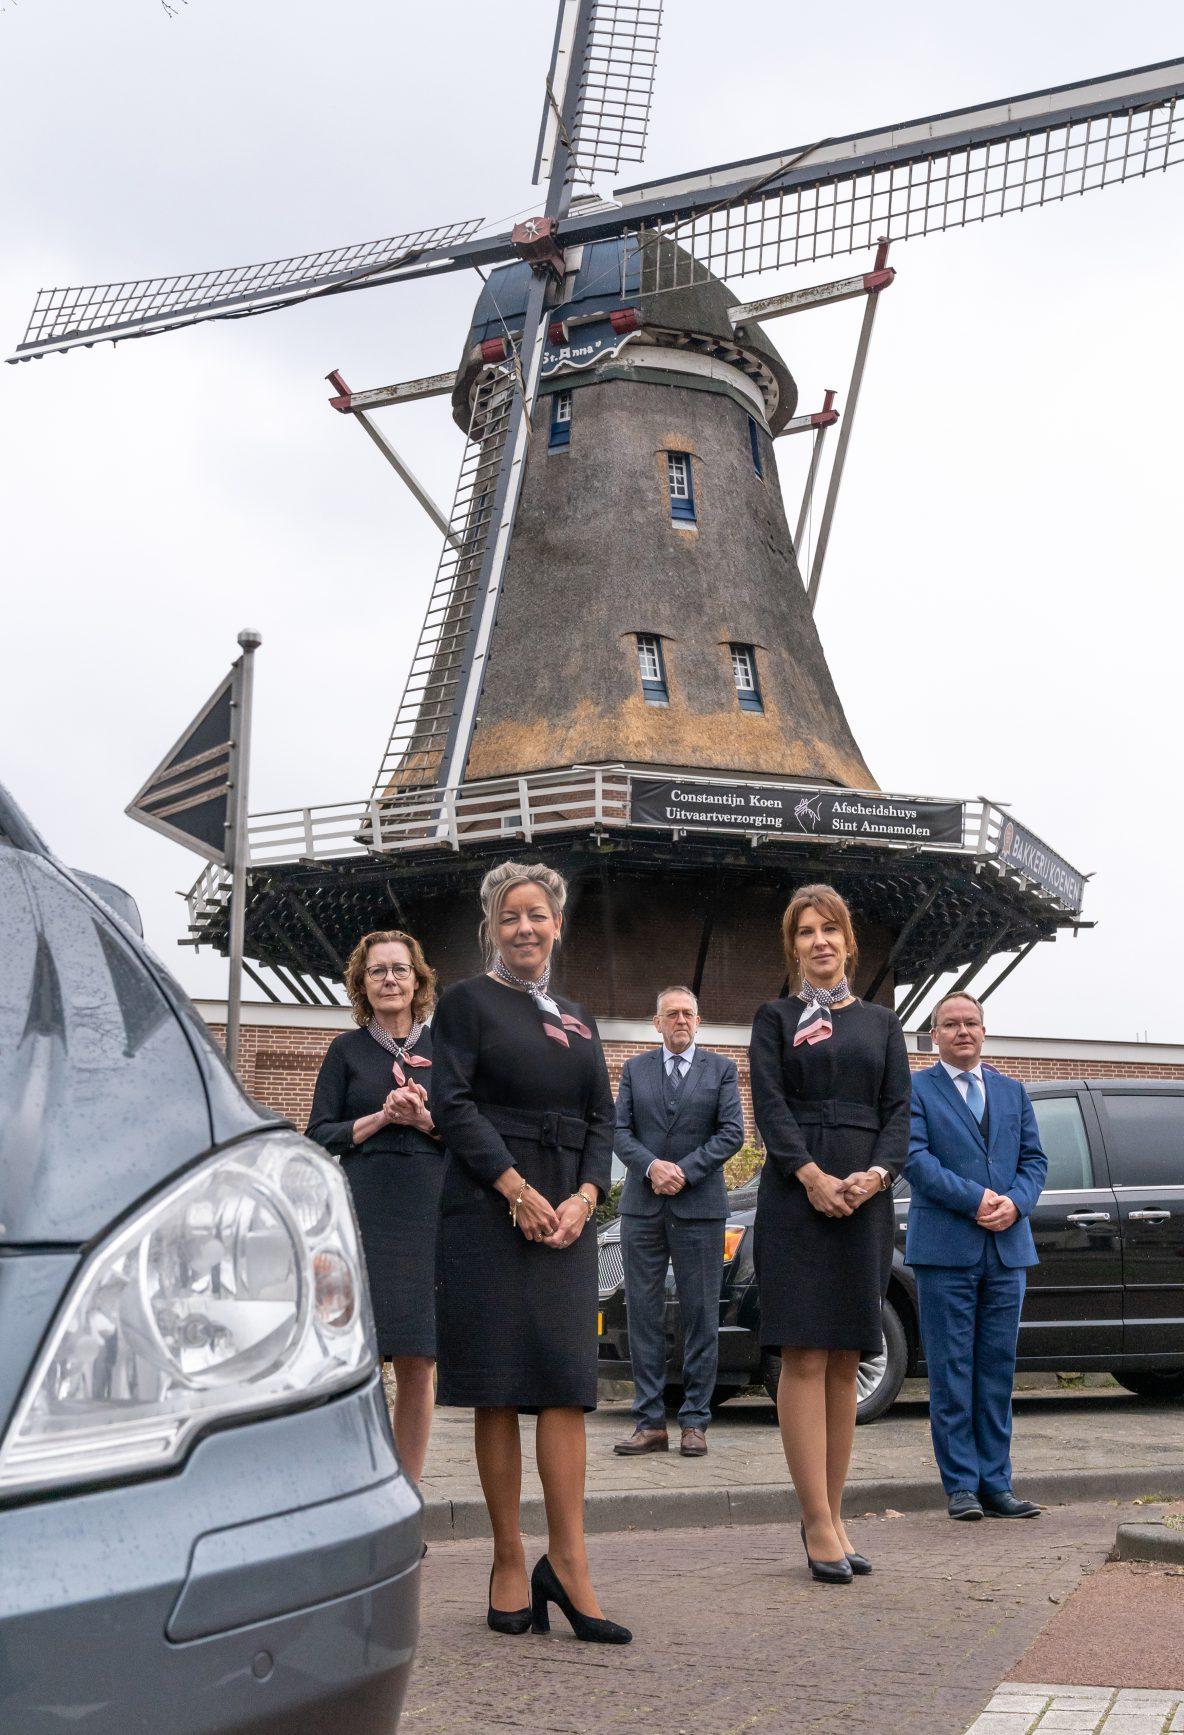 De persoonlijke benadering van Constantijn Koen Uitvaartverzorging & Afscheidshuys  Sint Annamolen Nijmegen